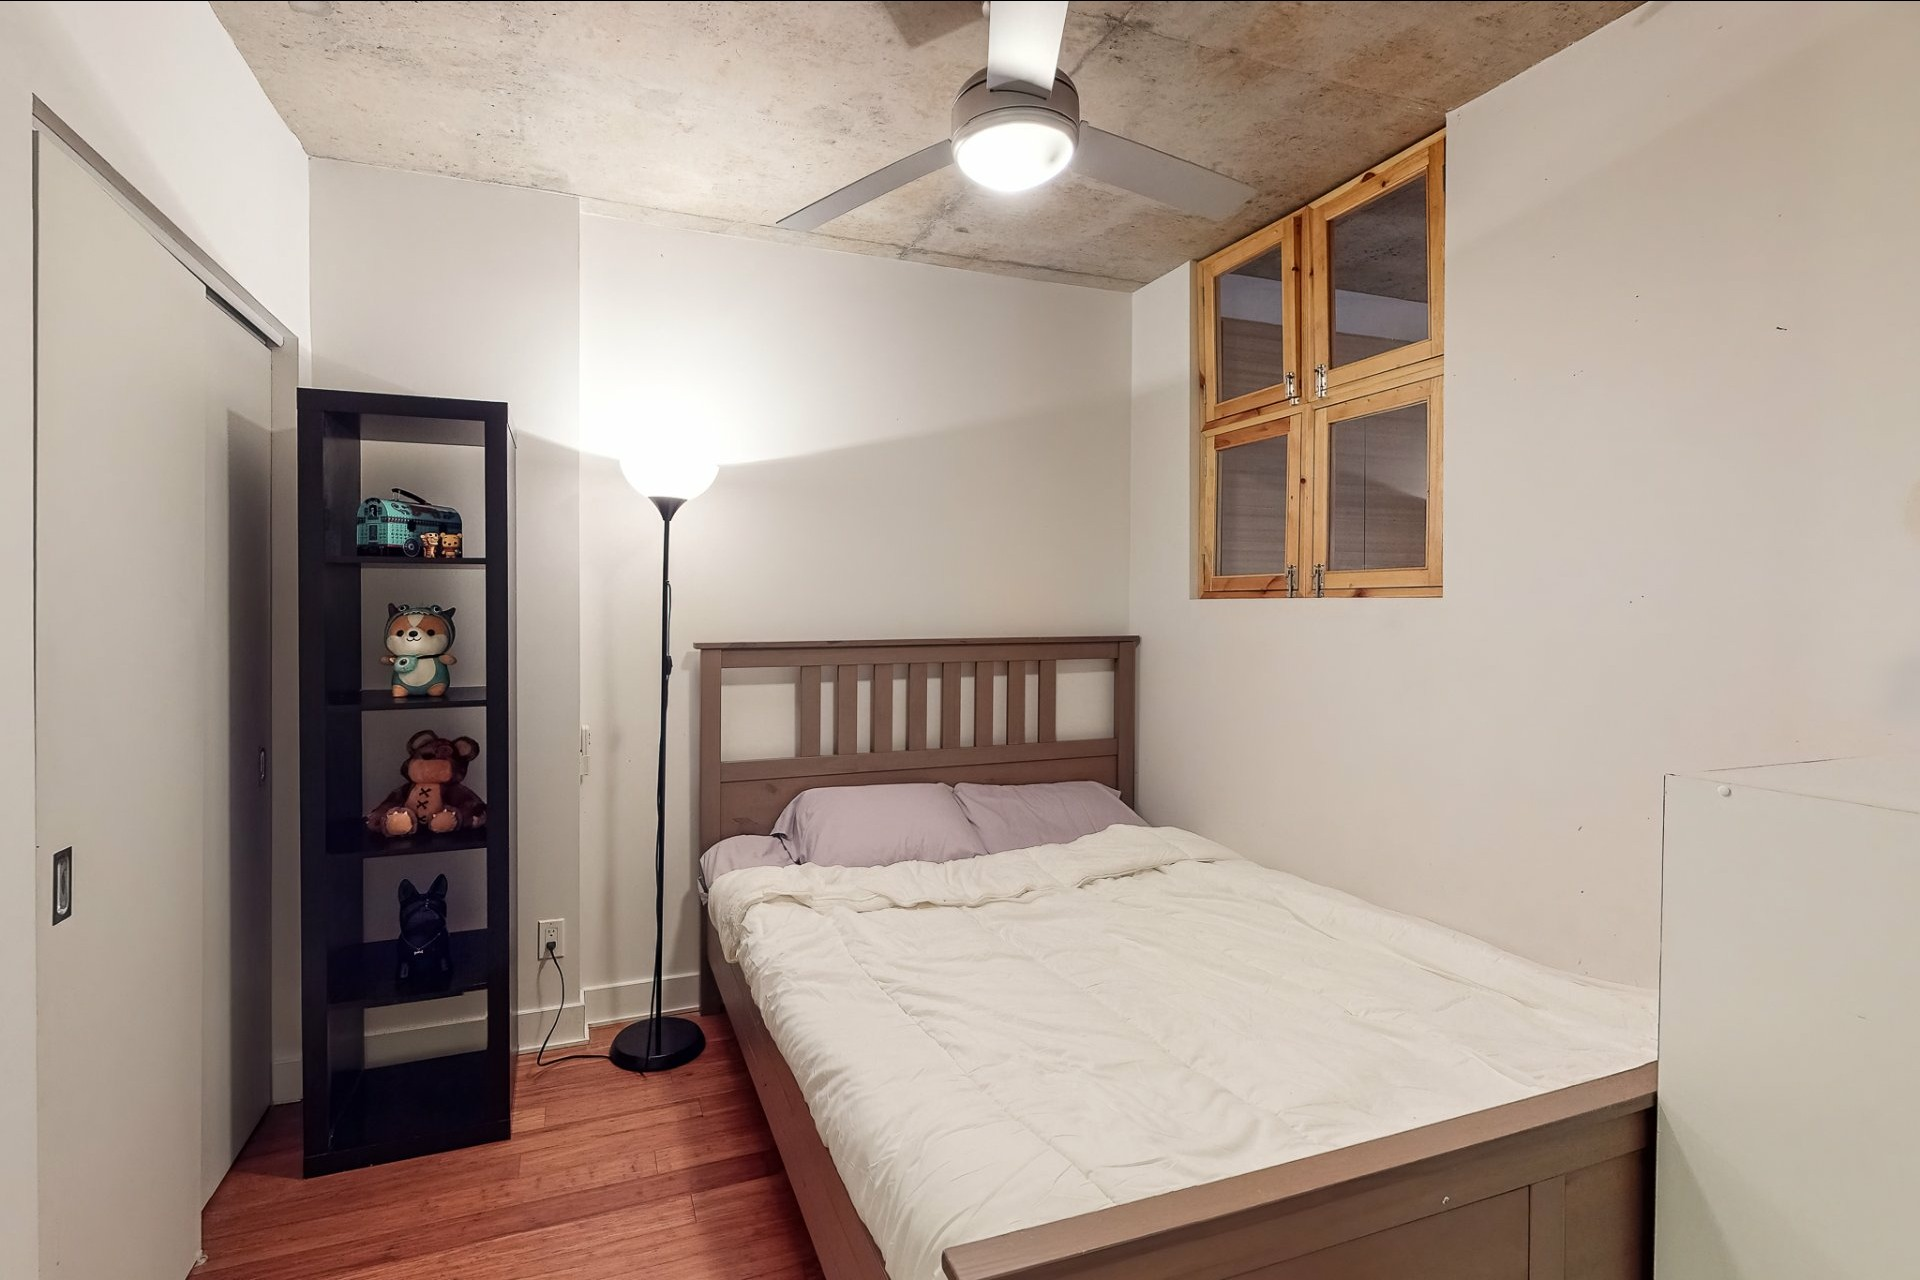 image 7 - Apartment For sale Ville-Marie Montréal  - 2 rooms